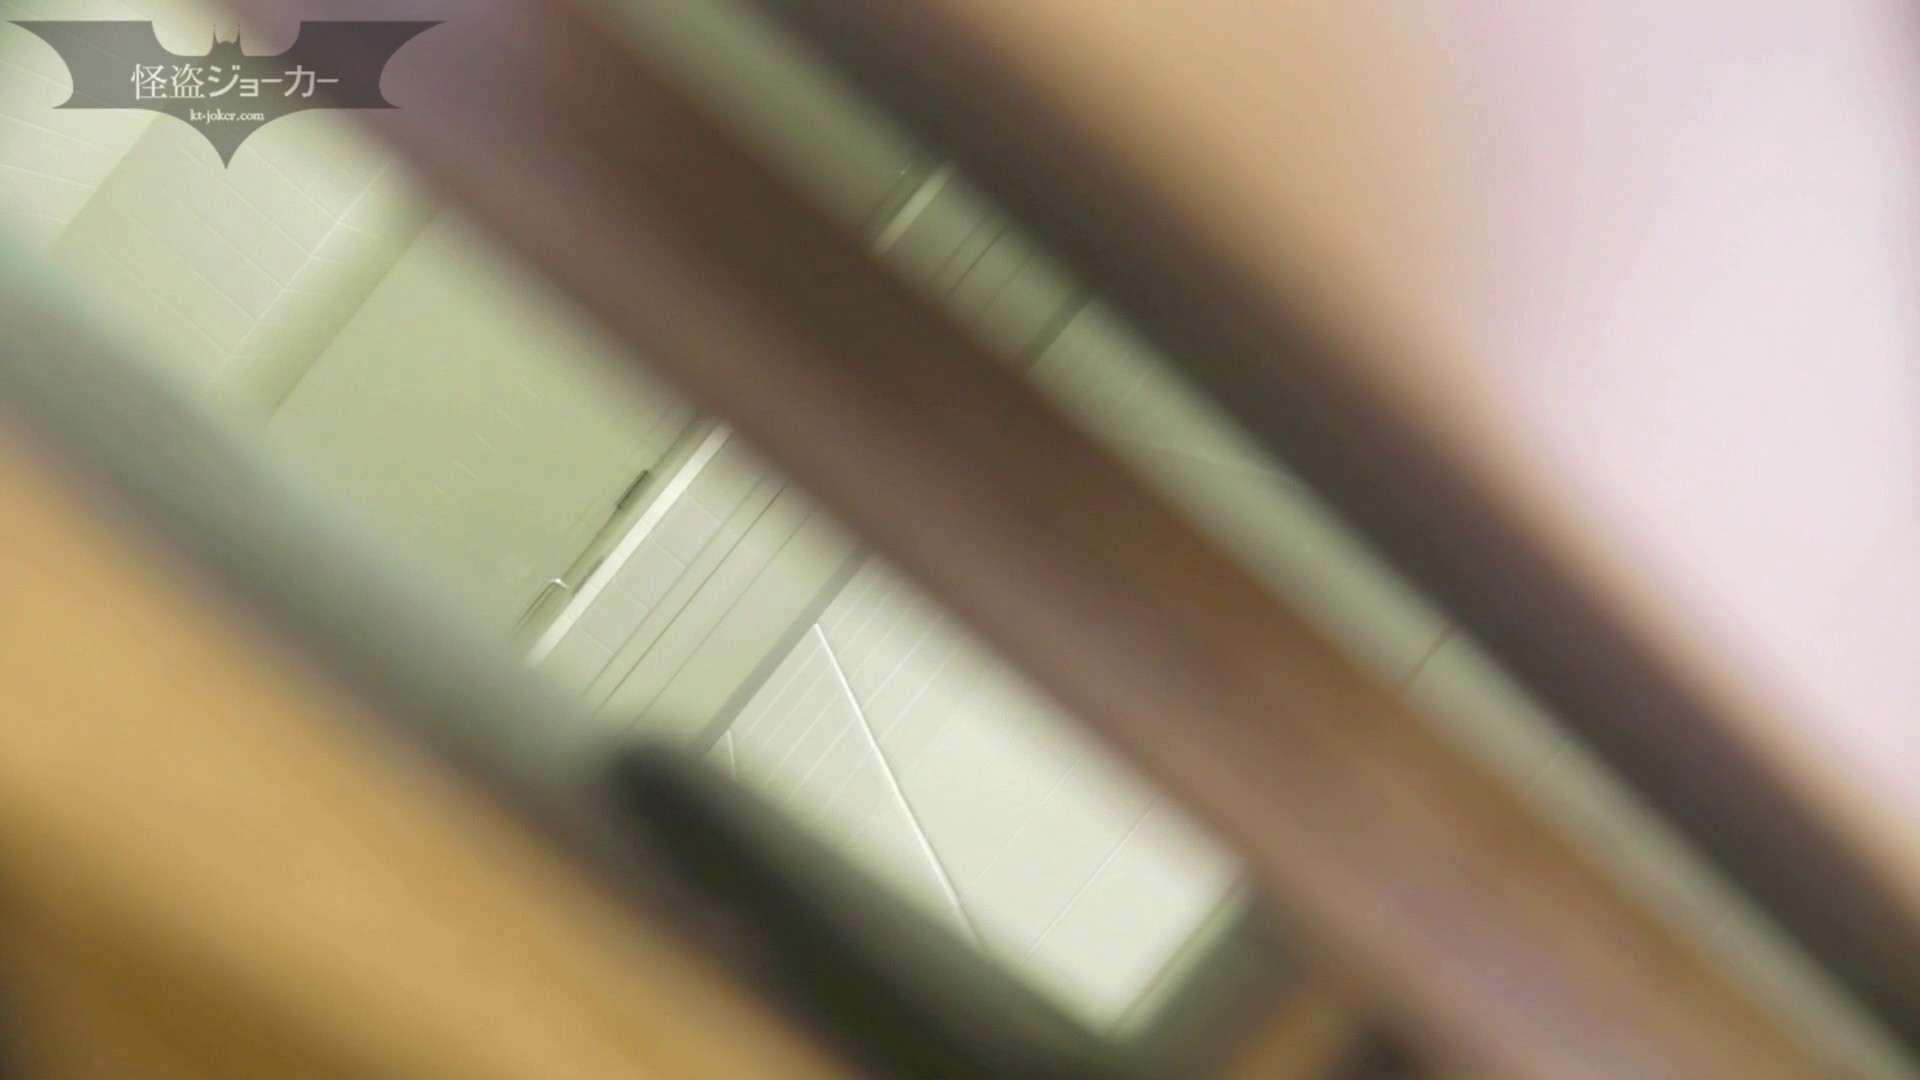 アダルトエロ動画|お銀さん vol.60 ヤバイ扉叩かれ絶対絶命、散るか?お銀|怪盗ジョーカー